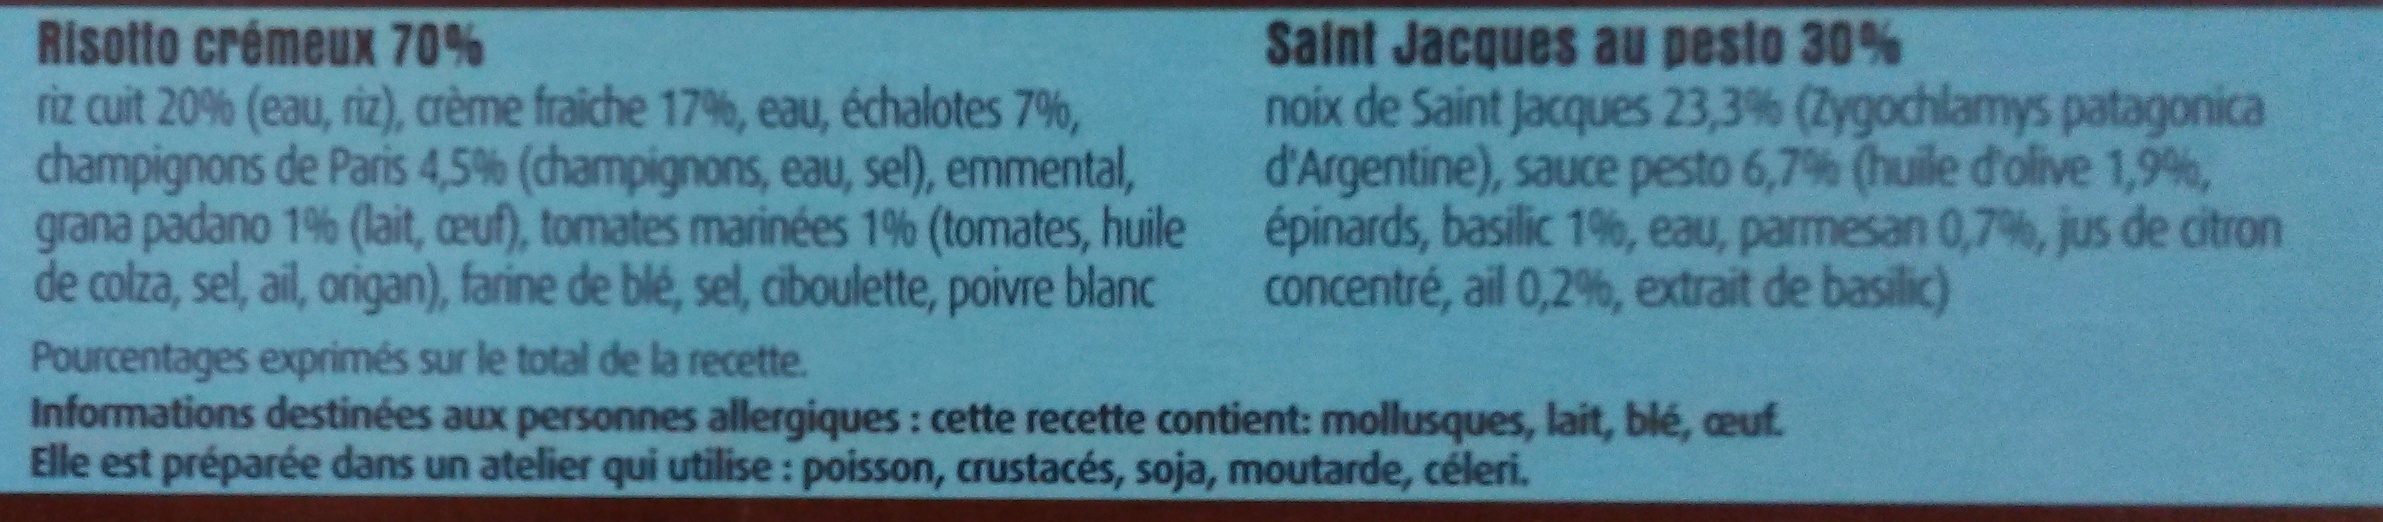 Noix de St-Jacques au Pesto & Risotto Crémeux - Ingrédients - fr